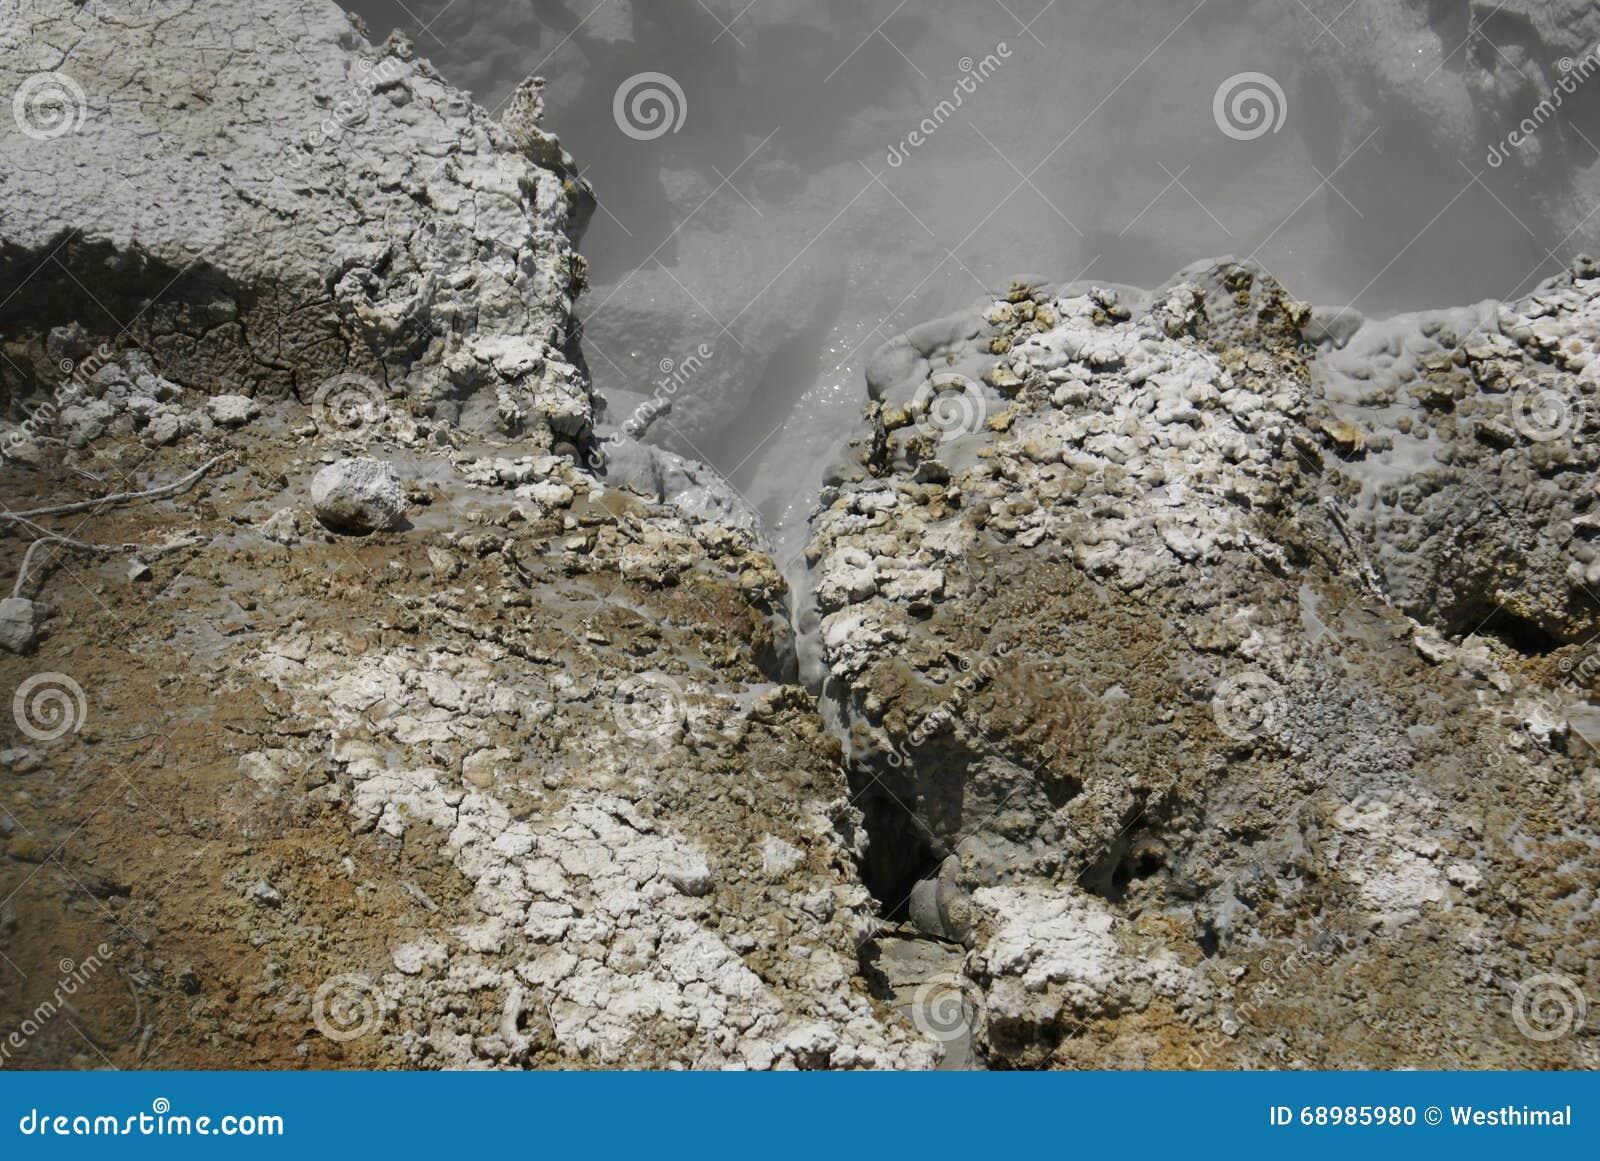 硫磺在拉森火山国家公园,加利福尼亚运作